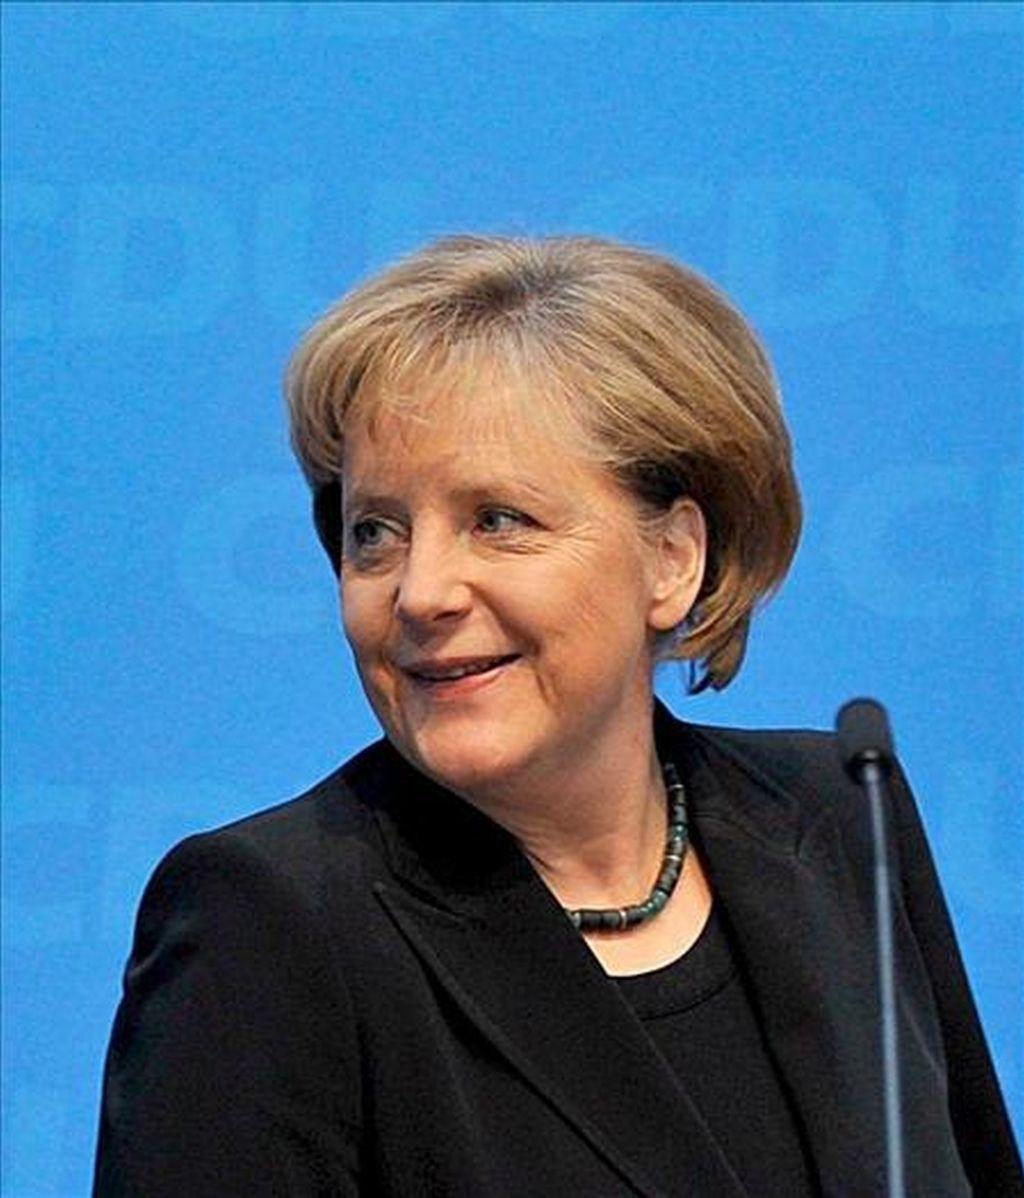 En la imagen, la canciller alemana, Angela Merkel. EFE/Archivo